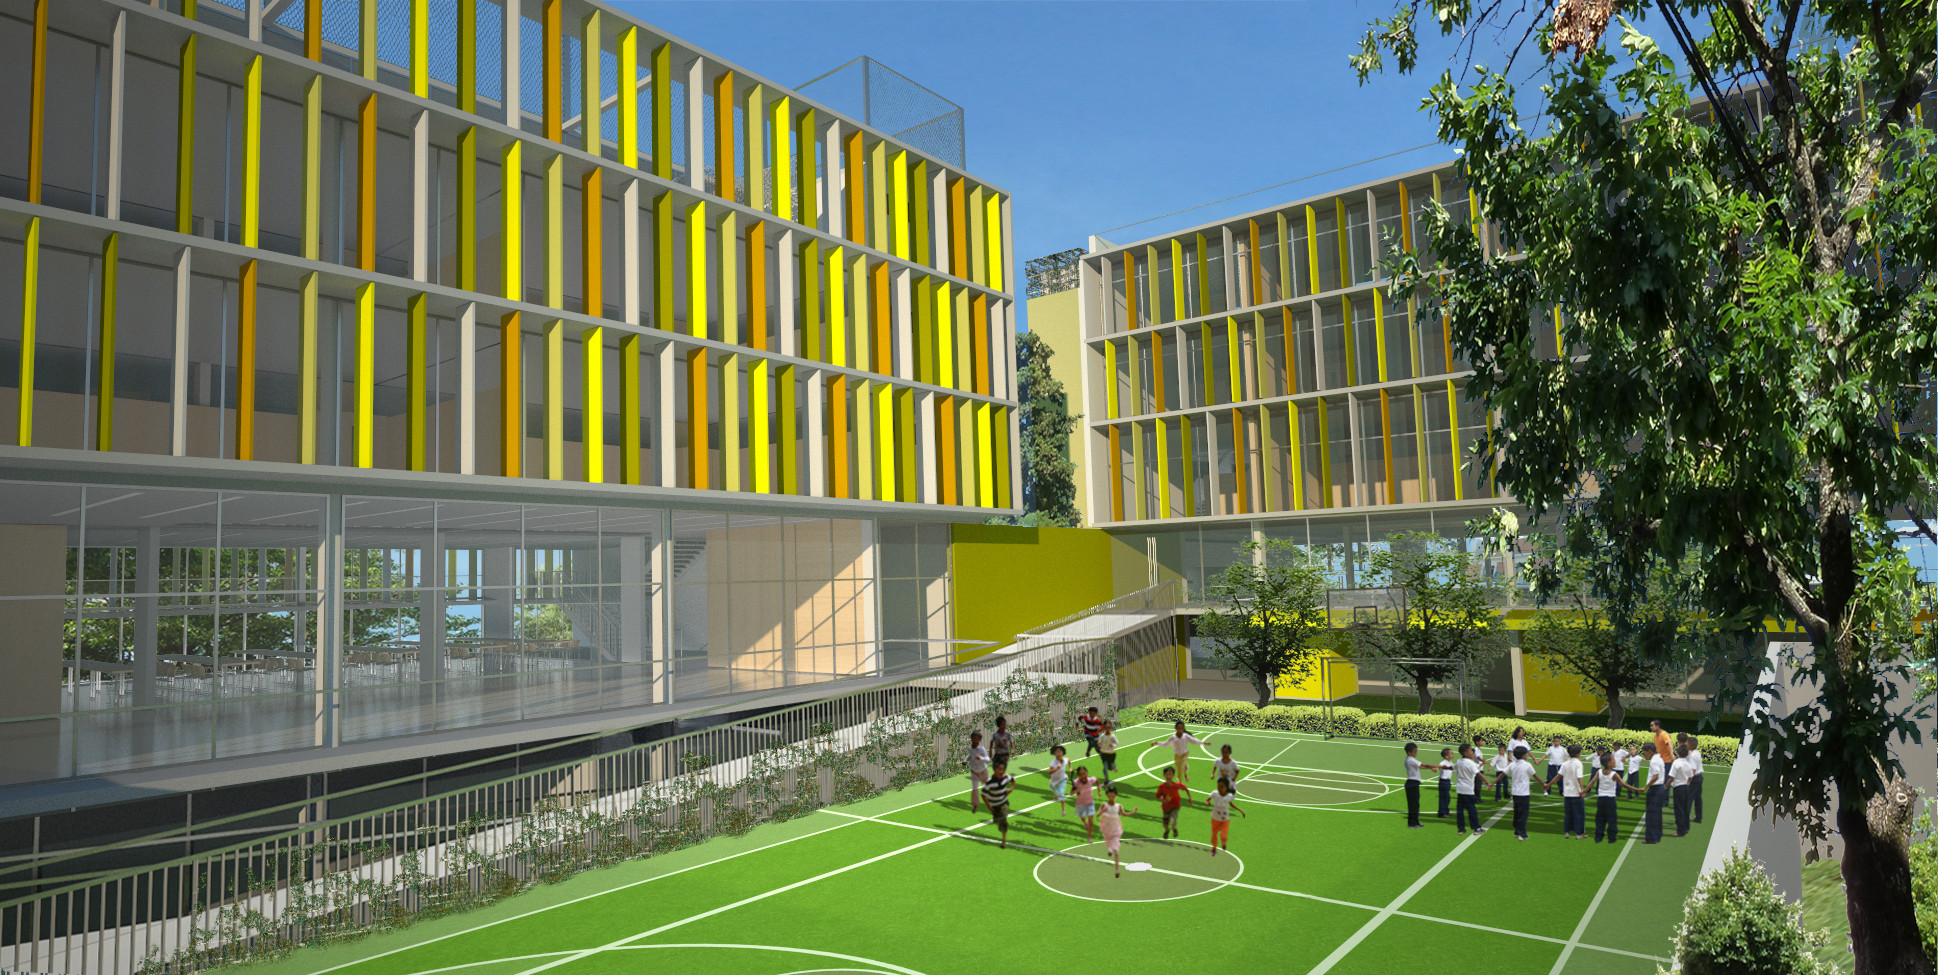 Tercer lugar concurso hacia una nueva arquitectura for Parasoles arquitectura